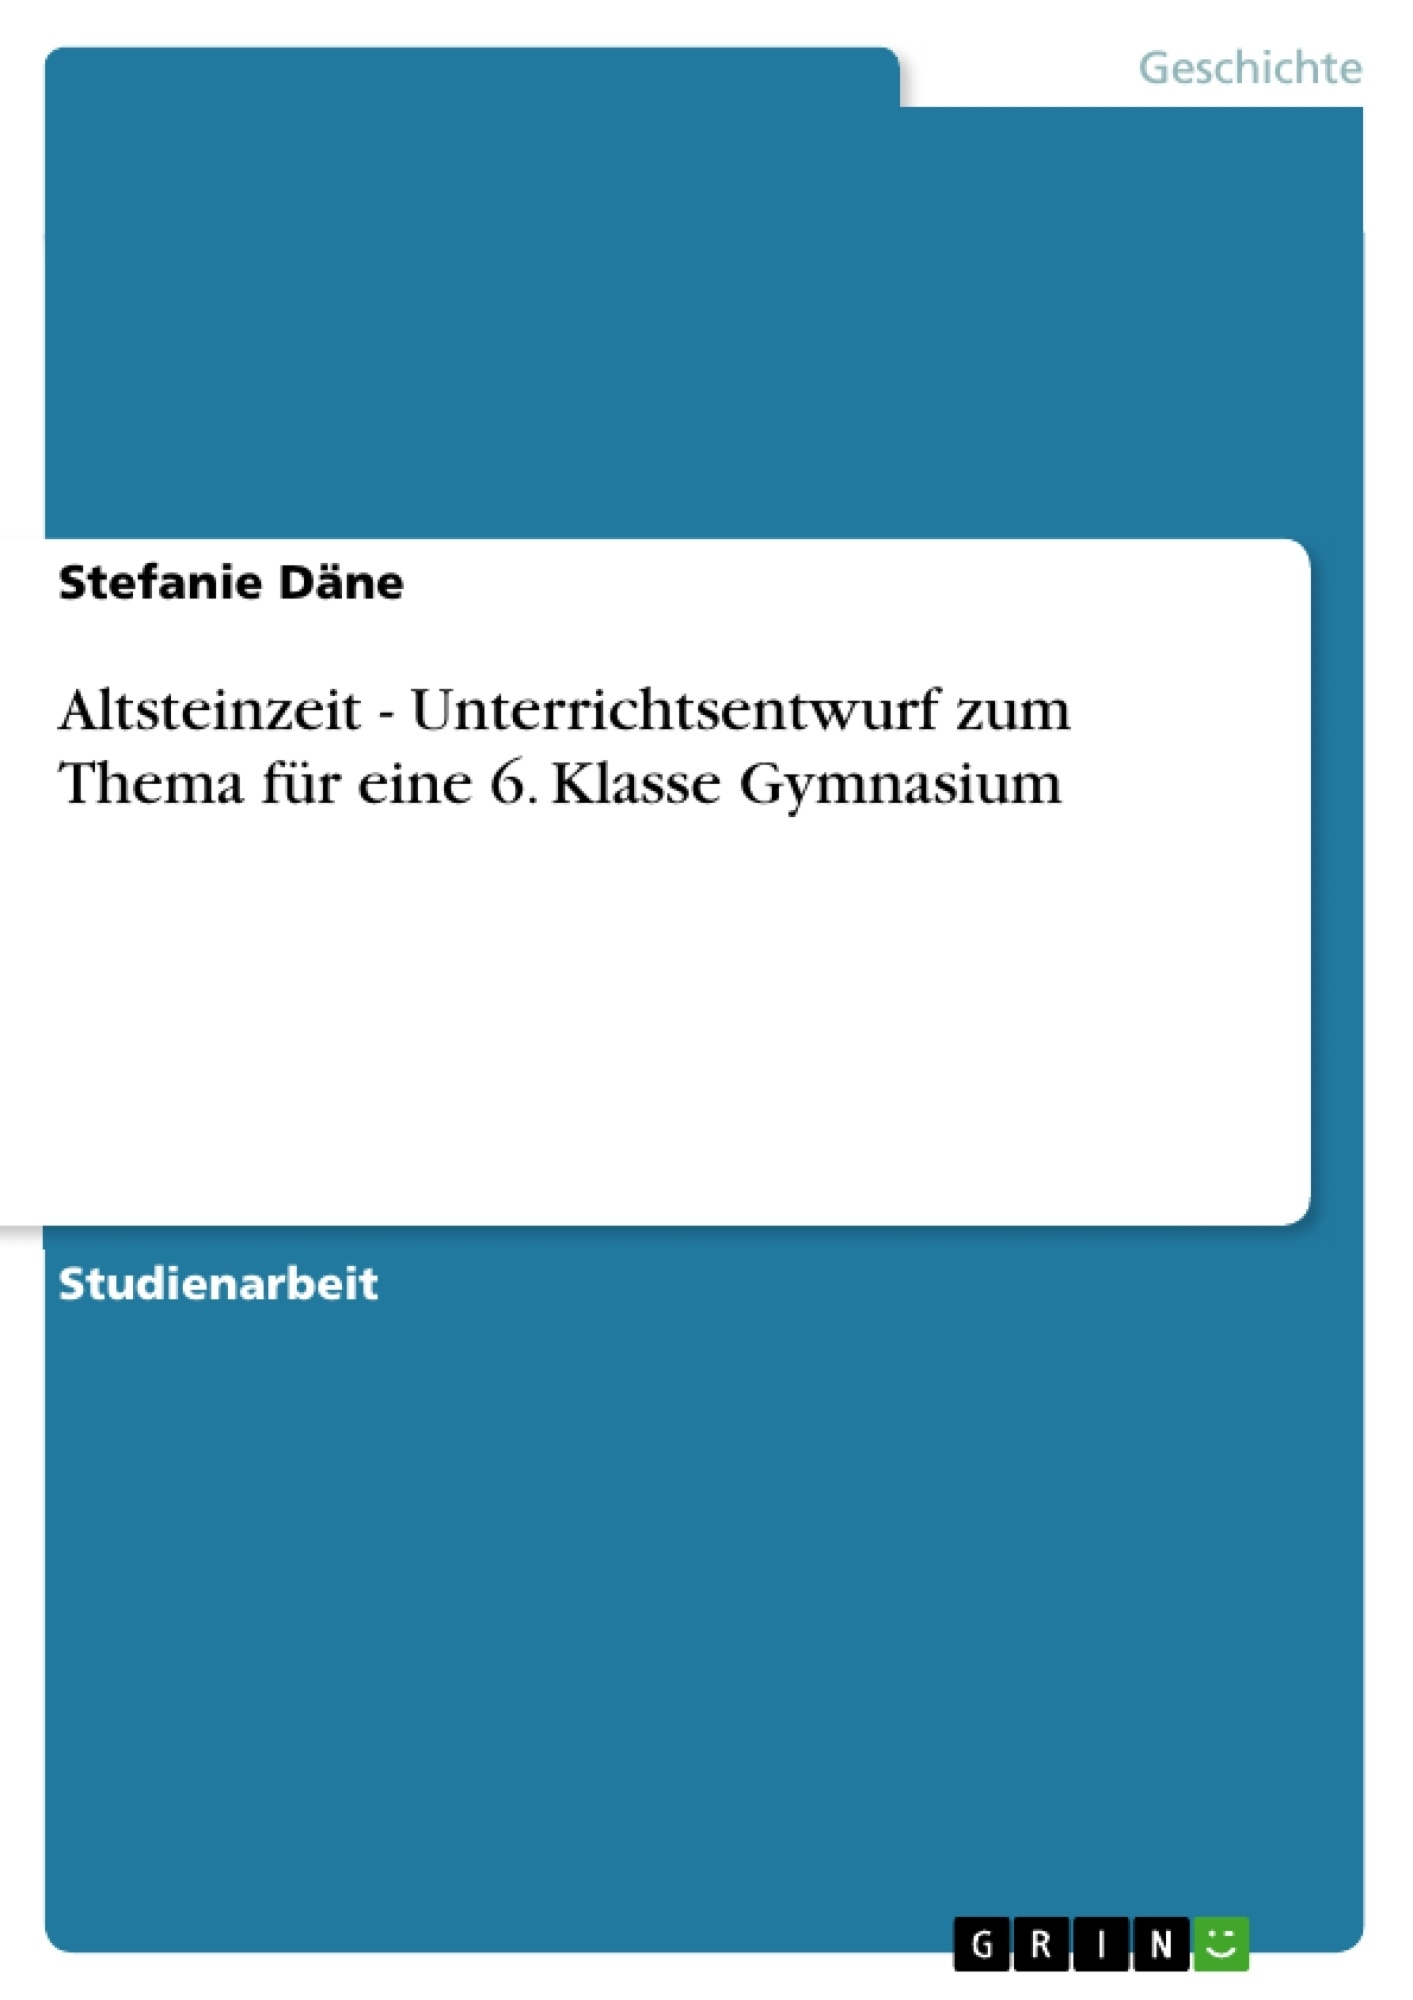 Titel: Altsteinzeit - Unterrichtsentwurf zum Thema für eine 6. Klasse Gymnasium